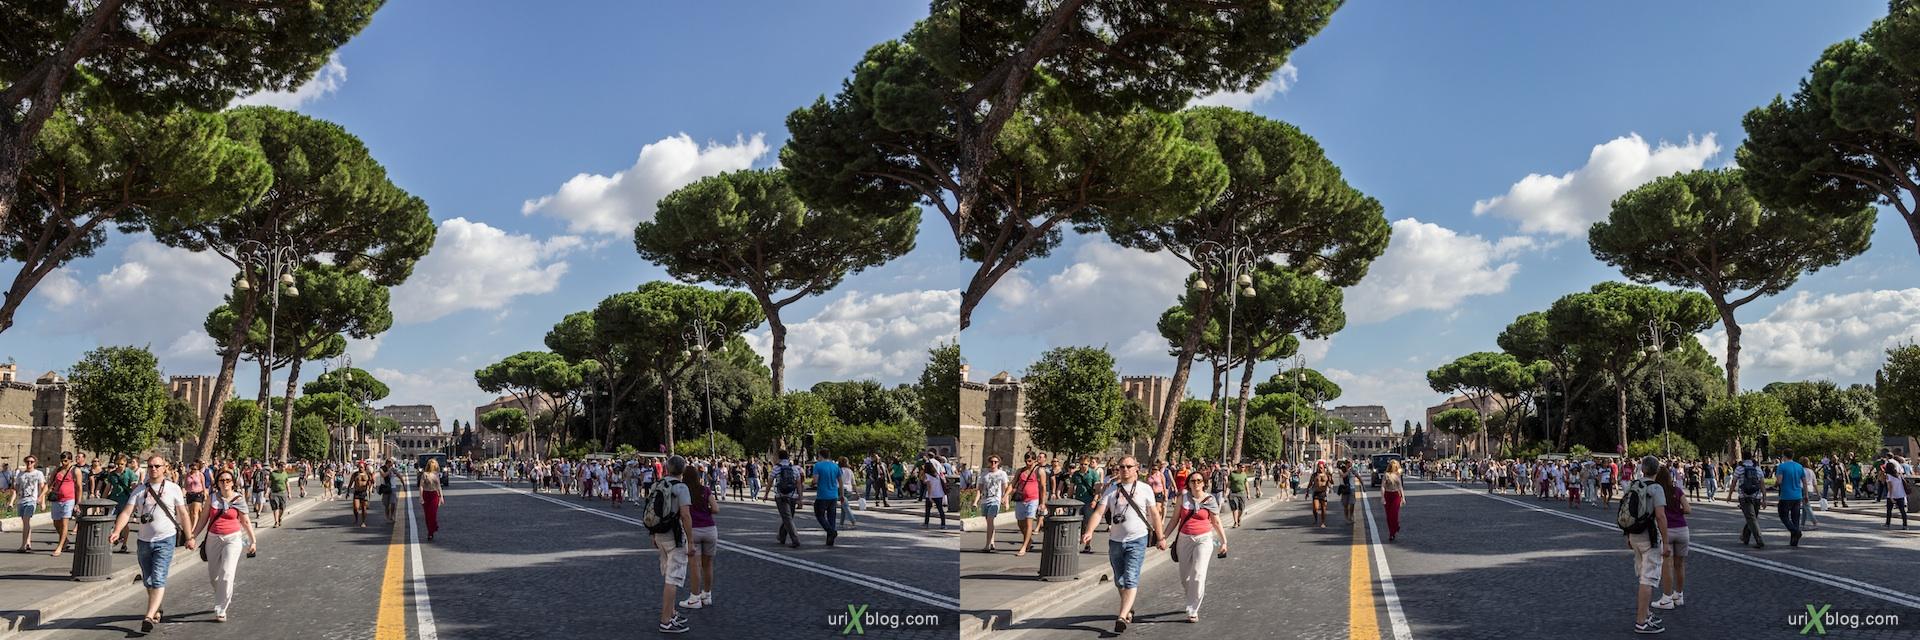 2012, пешеходная улица Via dei Fori Imperiali, люди, Рим, Италия, осень, 3D, перекрёстные стереопары, стерео, стереопара, стереопары